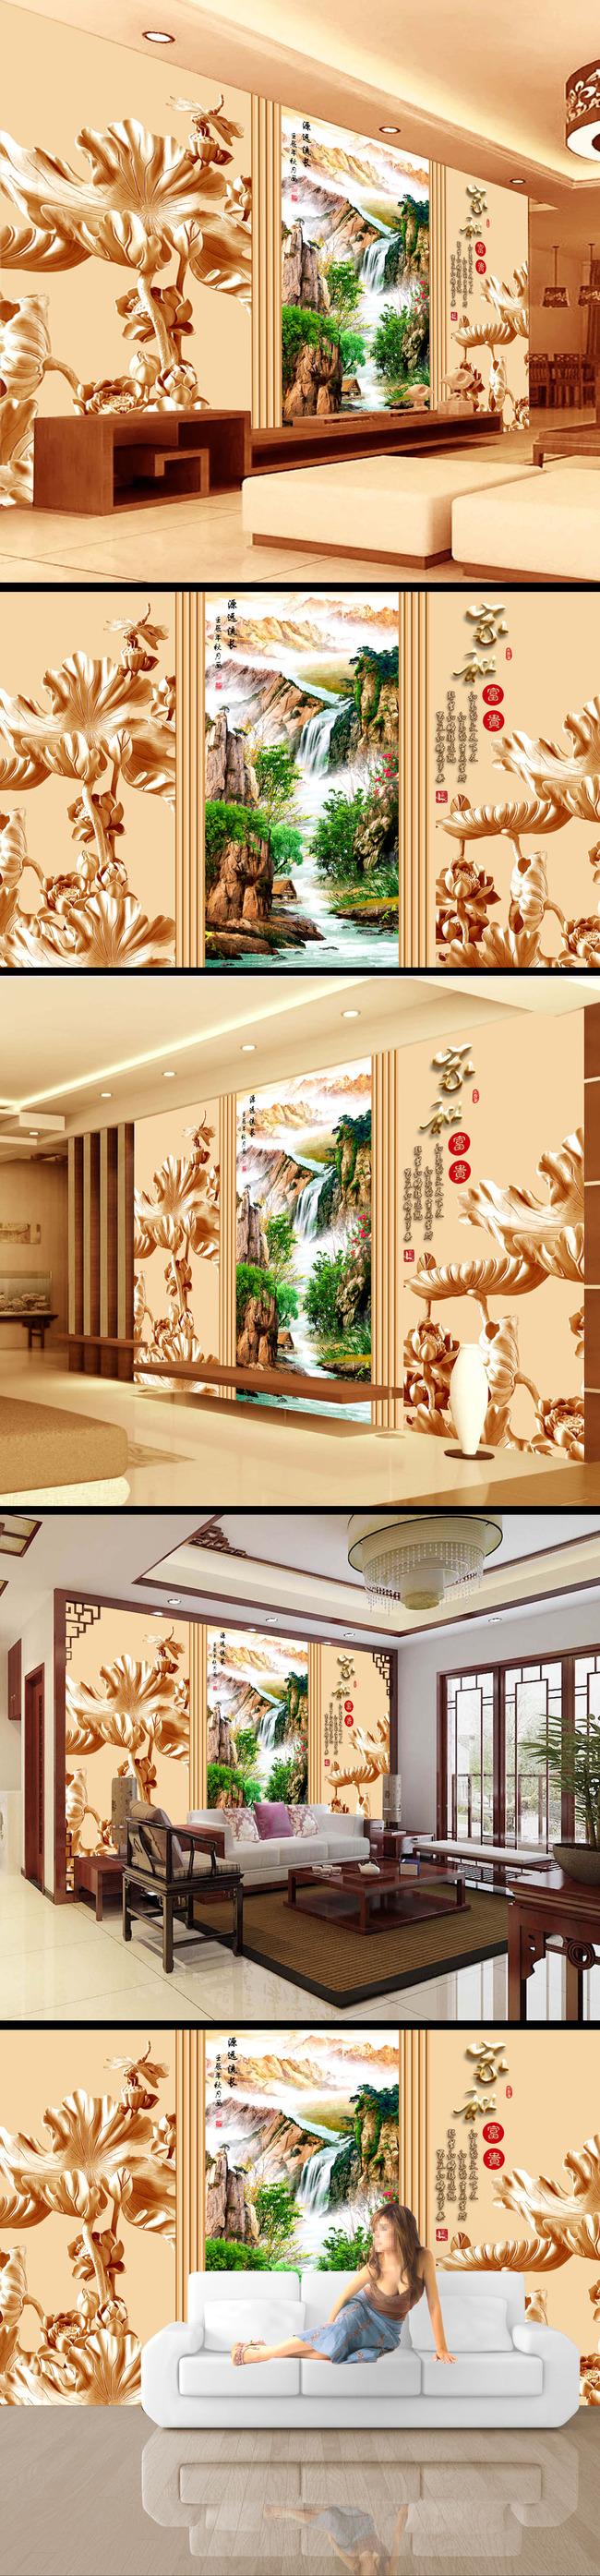 中式 中国风 国画 古典 中国画 雕刻 雕塑 浮雕 木雕 电视背景墙